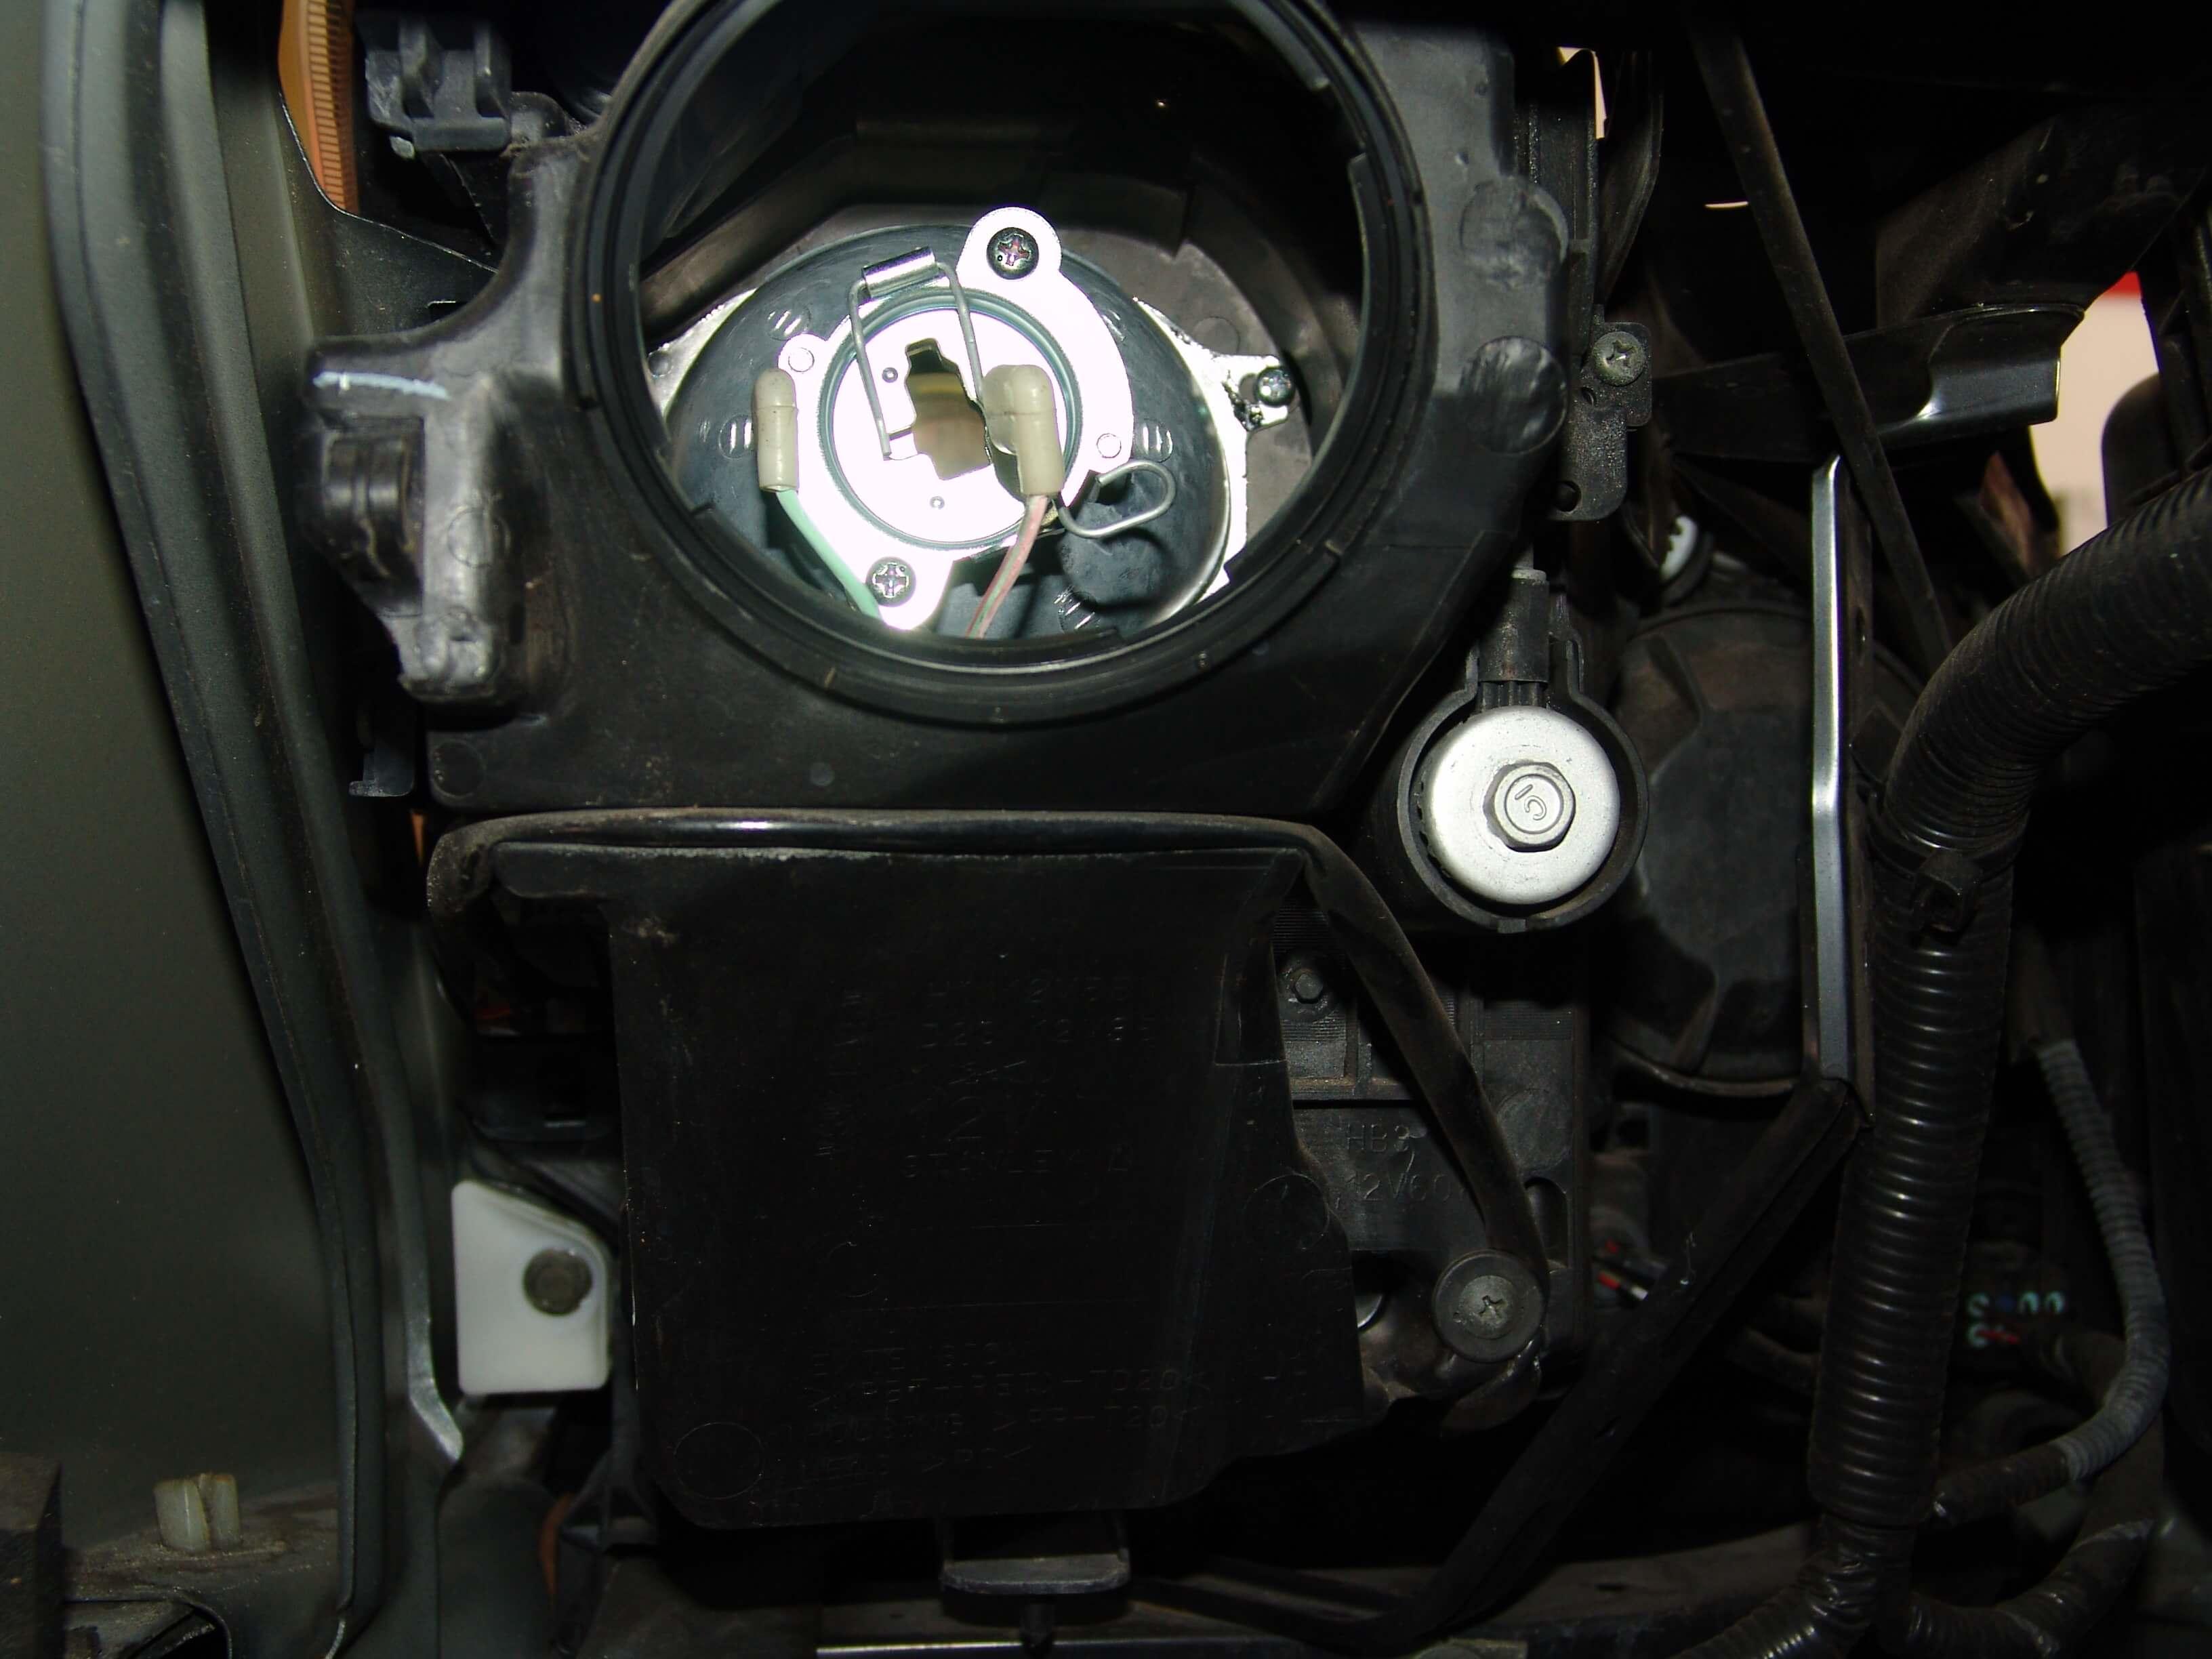 pathfinder fuse box automotive wiring diagrams description 00934 pathfinder fuse box